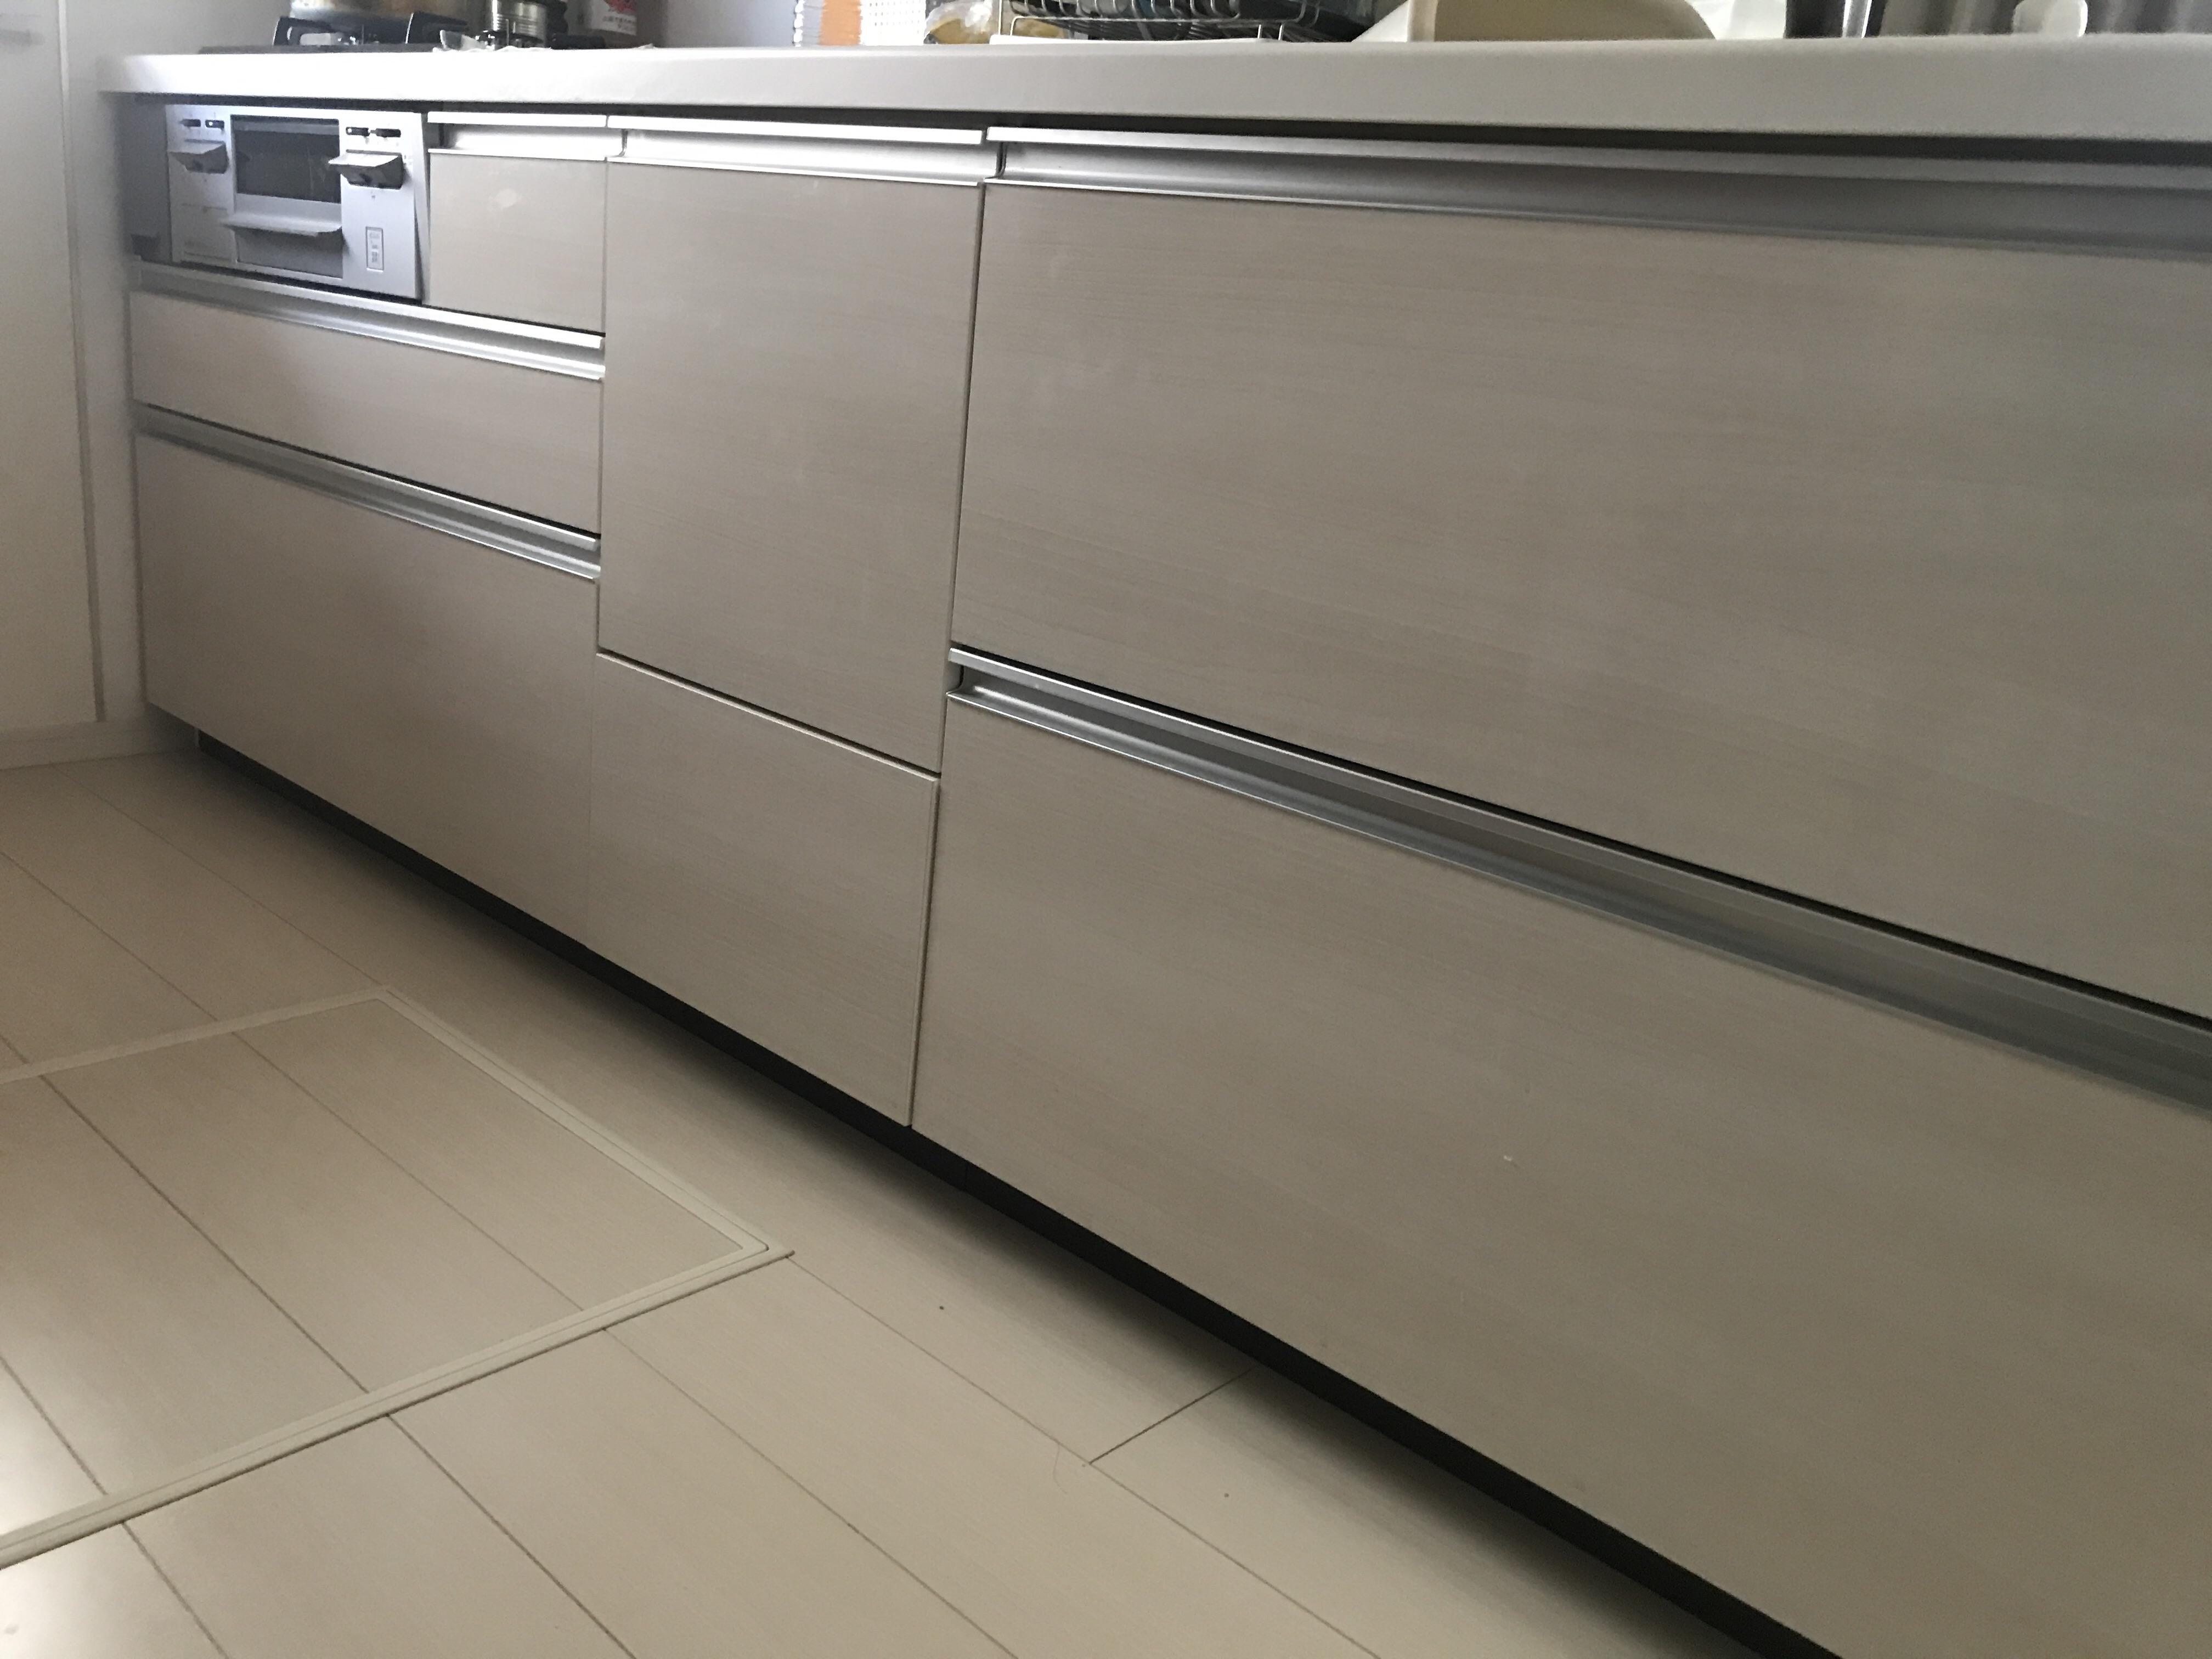 新規設置,後付け,システムキッチン,リフォーム,取り付け,あとからビルトイン,新規取り付け,NP-45MS8S,深型,パナソニック製,ビルトイン食洗機,食洗器,食器洗い機,食器洗い乾燥機,ビルトイン